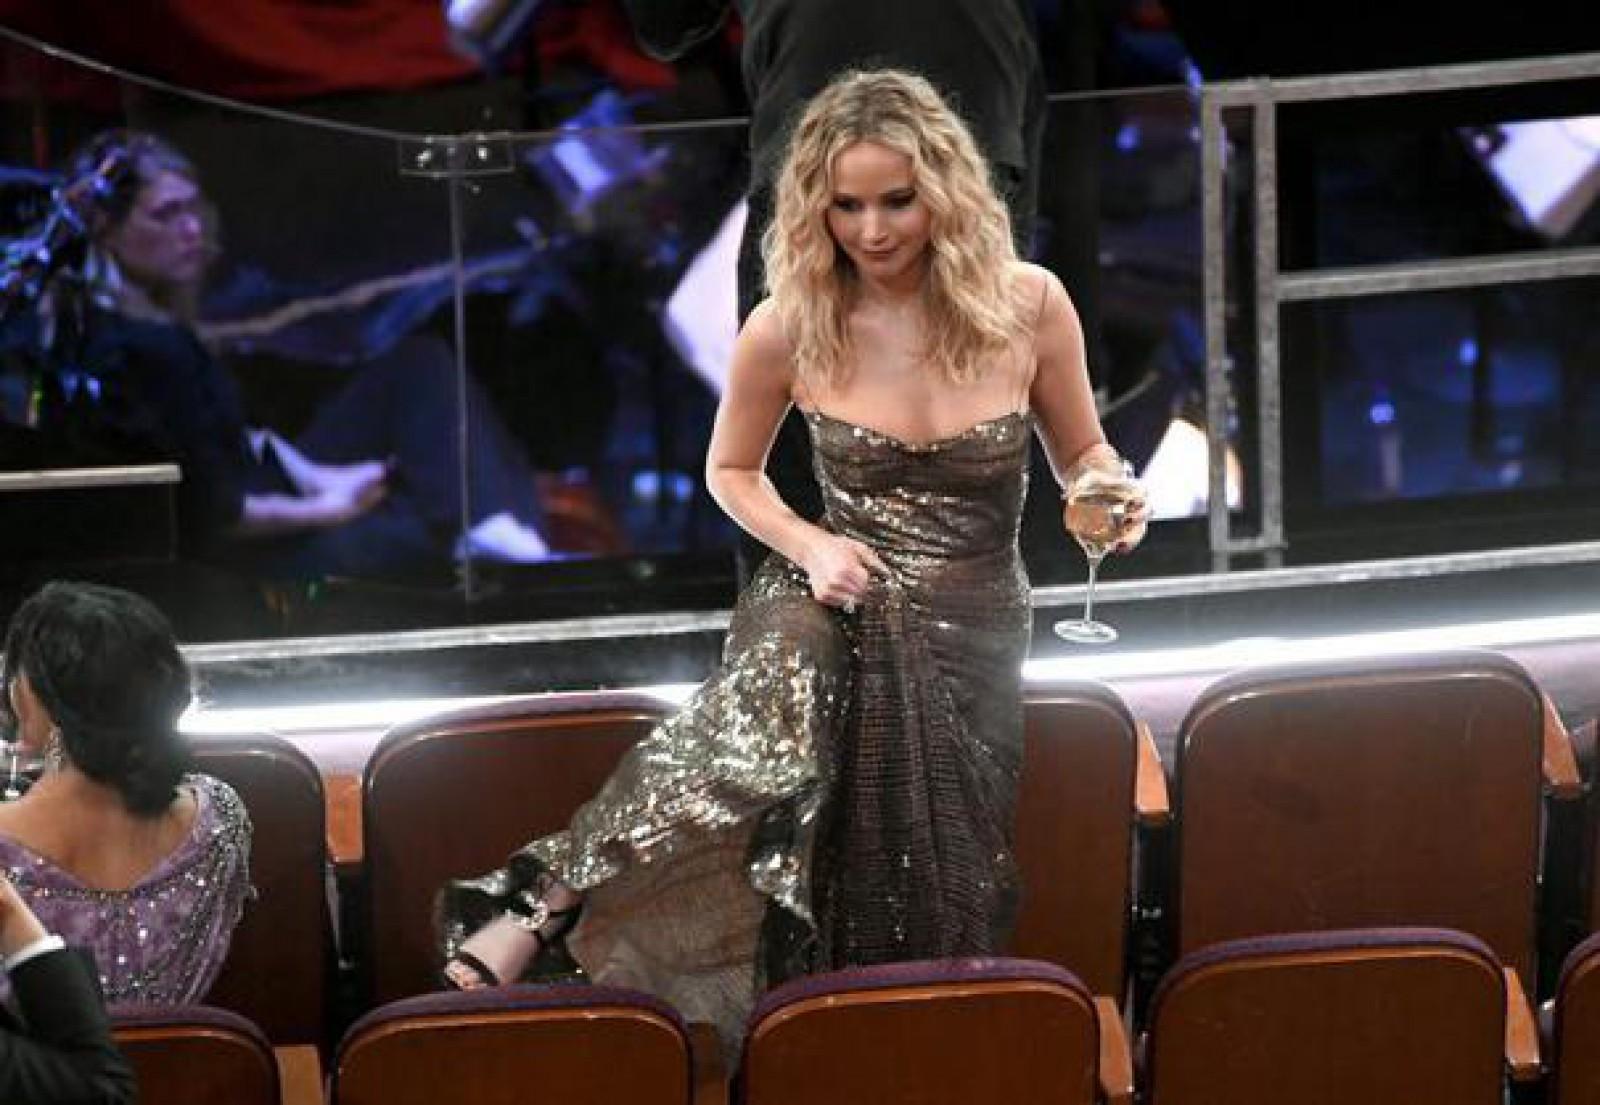 Stop cadru la Oscar 2018: Escalada lui Jennifer Lawrence în căutarea locului său. Actriţa, îmbrăcată într-o rochie lungă, purta tocuri înalte şi avea un pahar de vin în mână